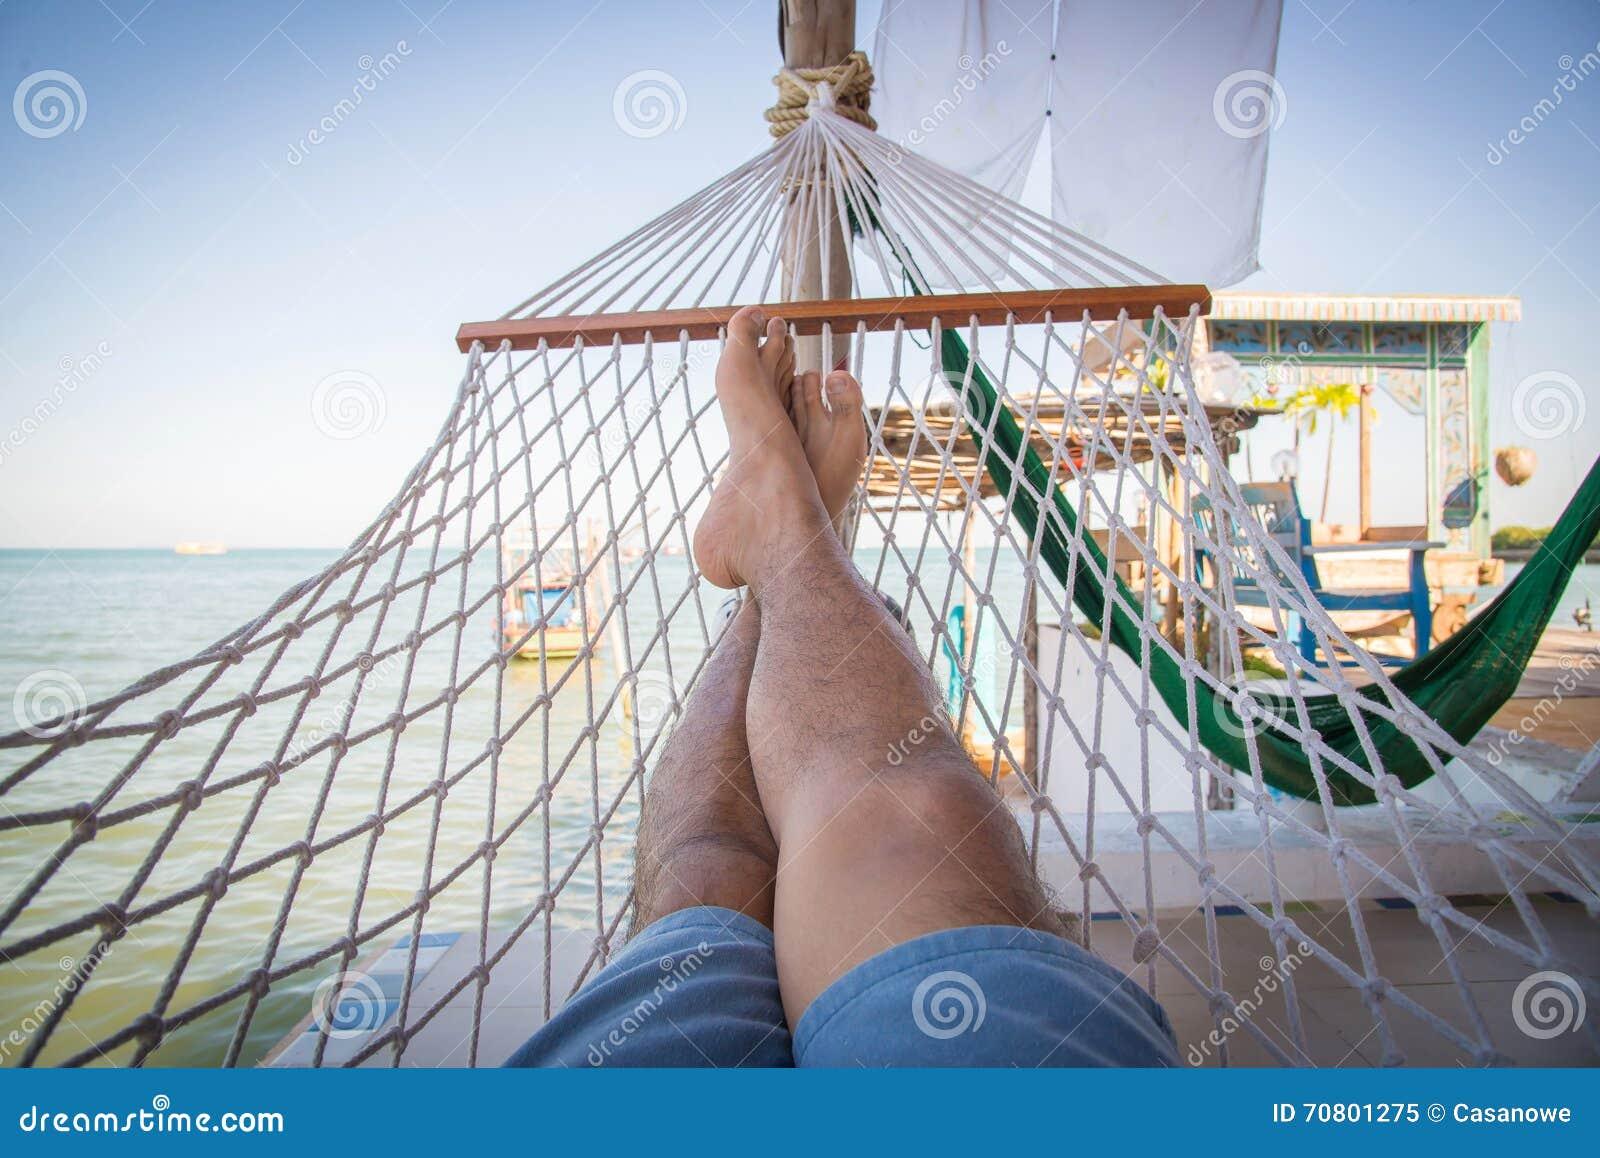 Hangmat Op Balkon : Strohangmat in balkon bij tropisch strand voor ontspanning stock